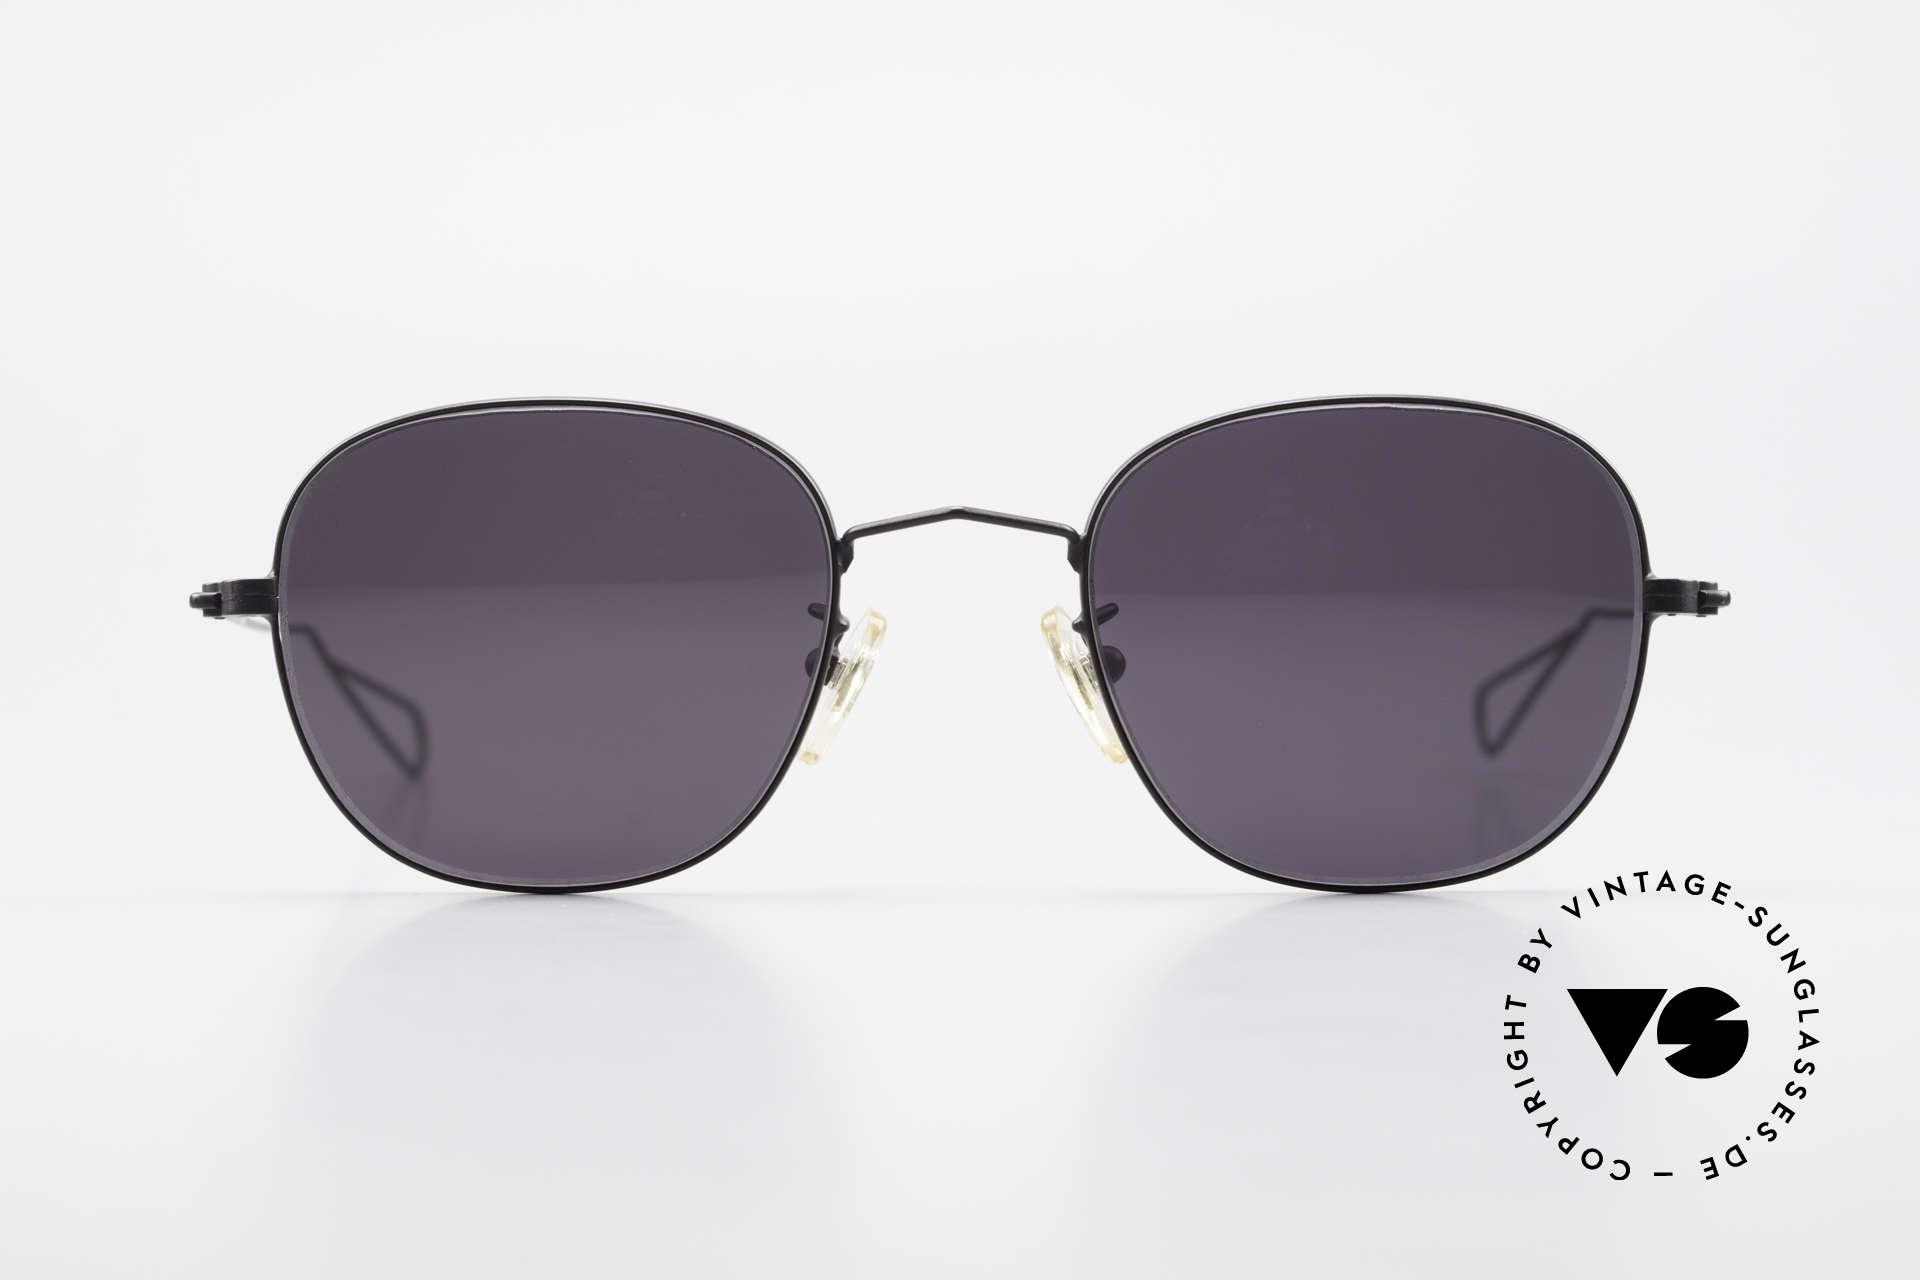 Cutler And Gross 0307 Alte Vintage Sonnenbrille 90er, klassisch, zeitlose Understatement Luxus-Sonnenbrille, Passend für Herren und Damen